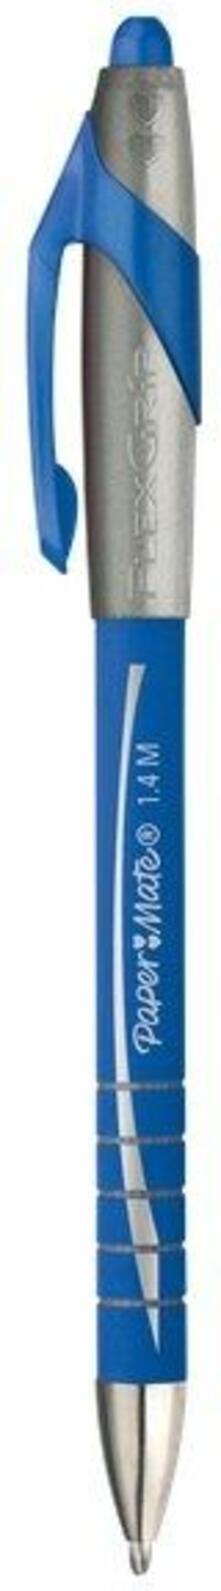 Penna a sfera a scatto Paper Mate Flexgrip Elite blu punta 1,4 mm